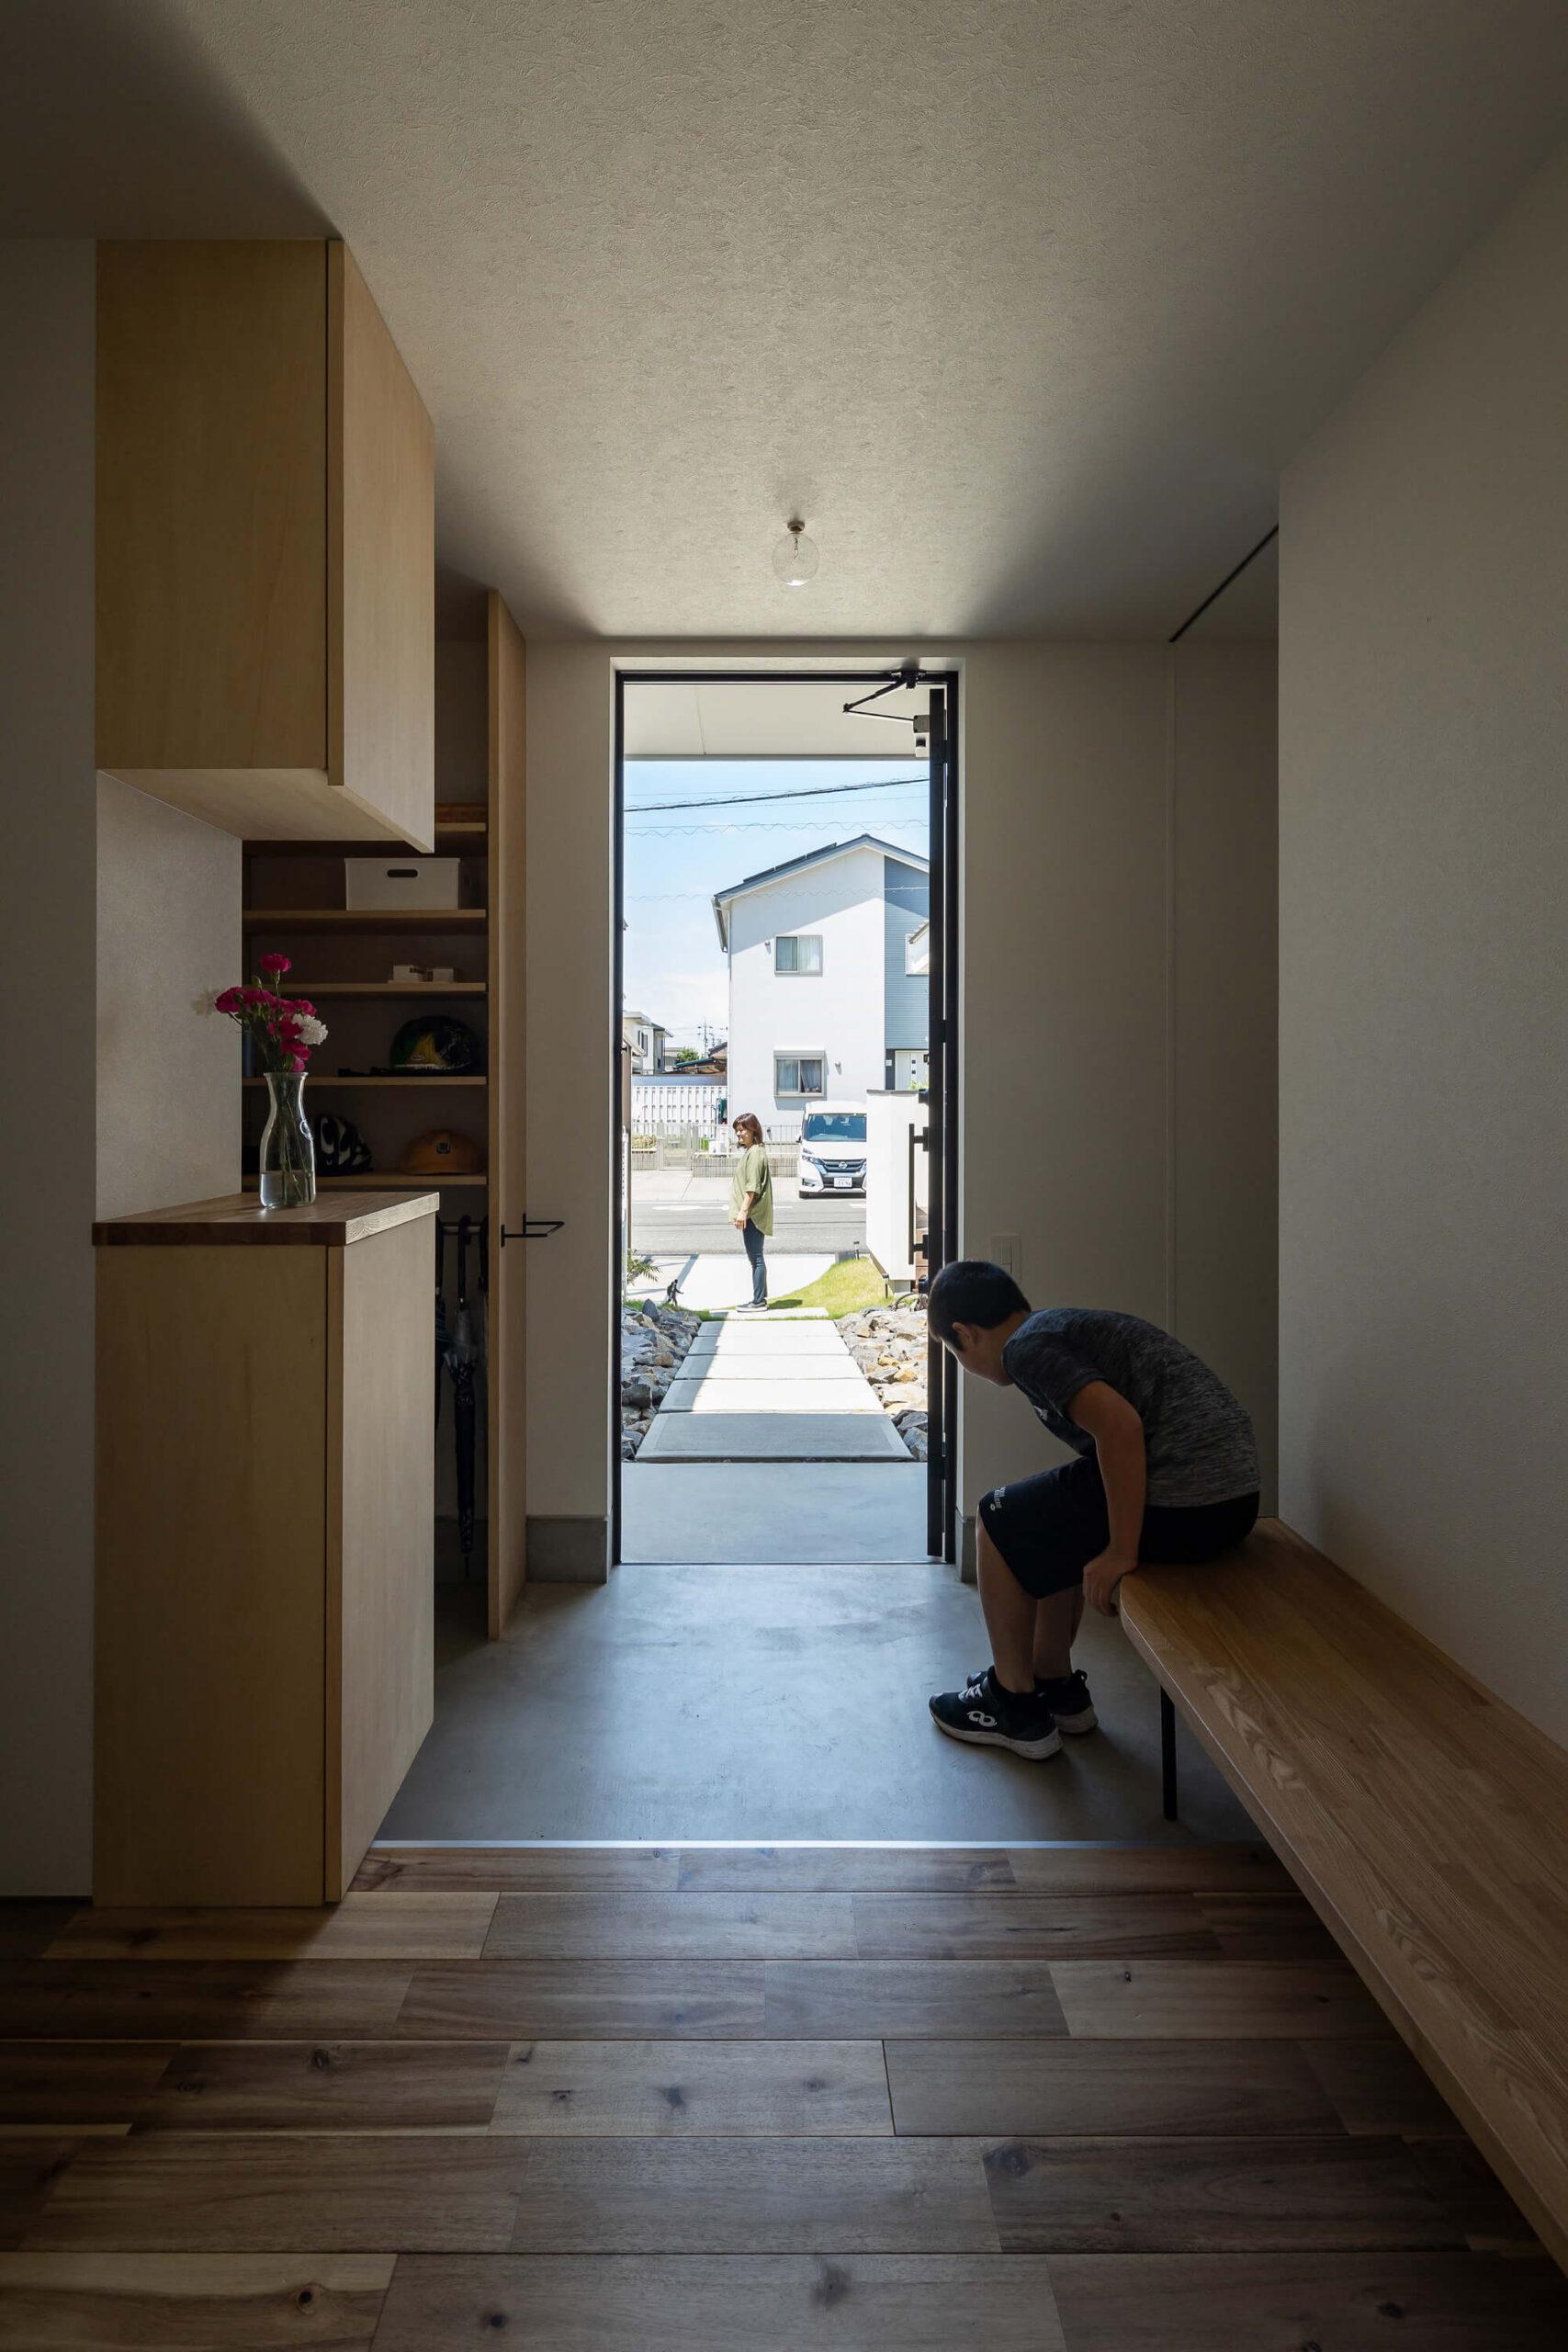 軒と縁側がつなぐ家12|犬山市の施工事例|建築家×工務店の注文住宅